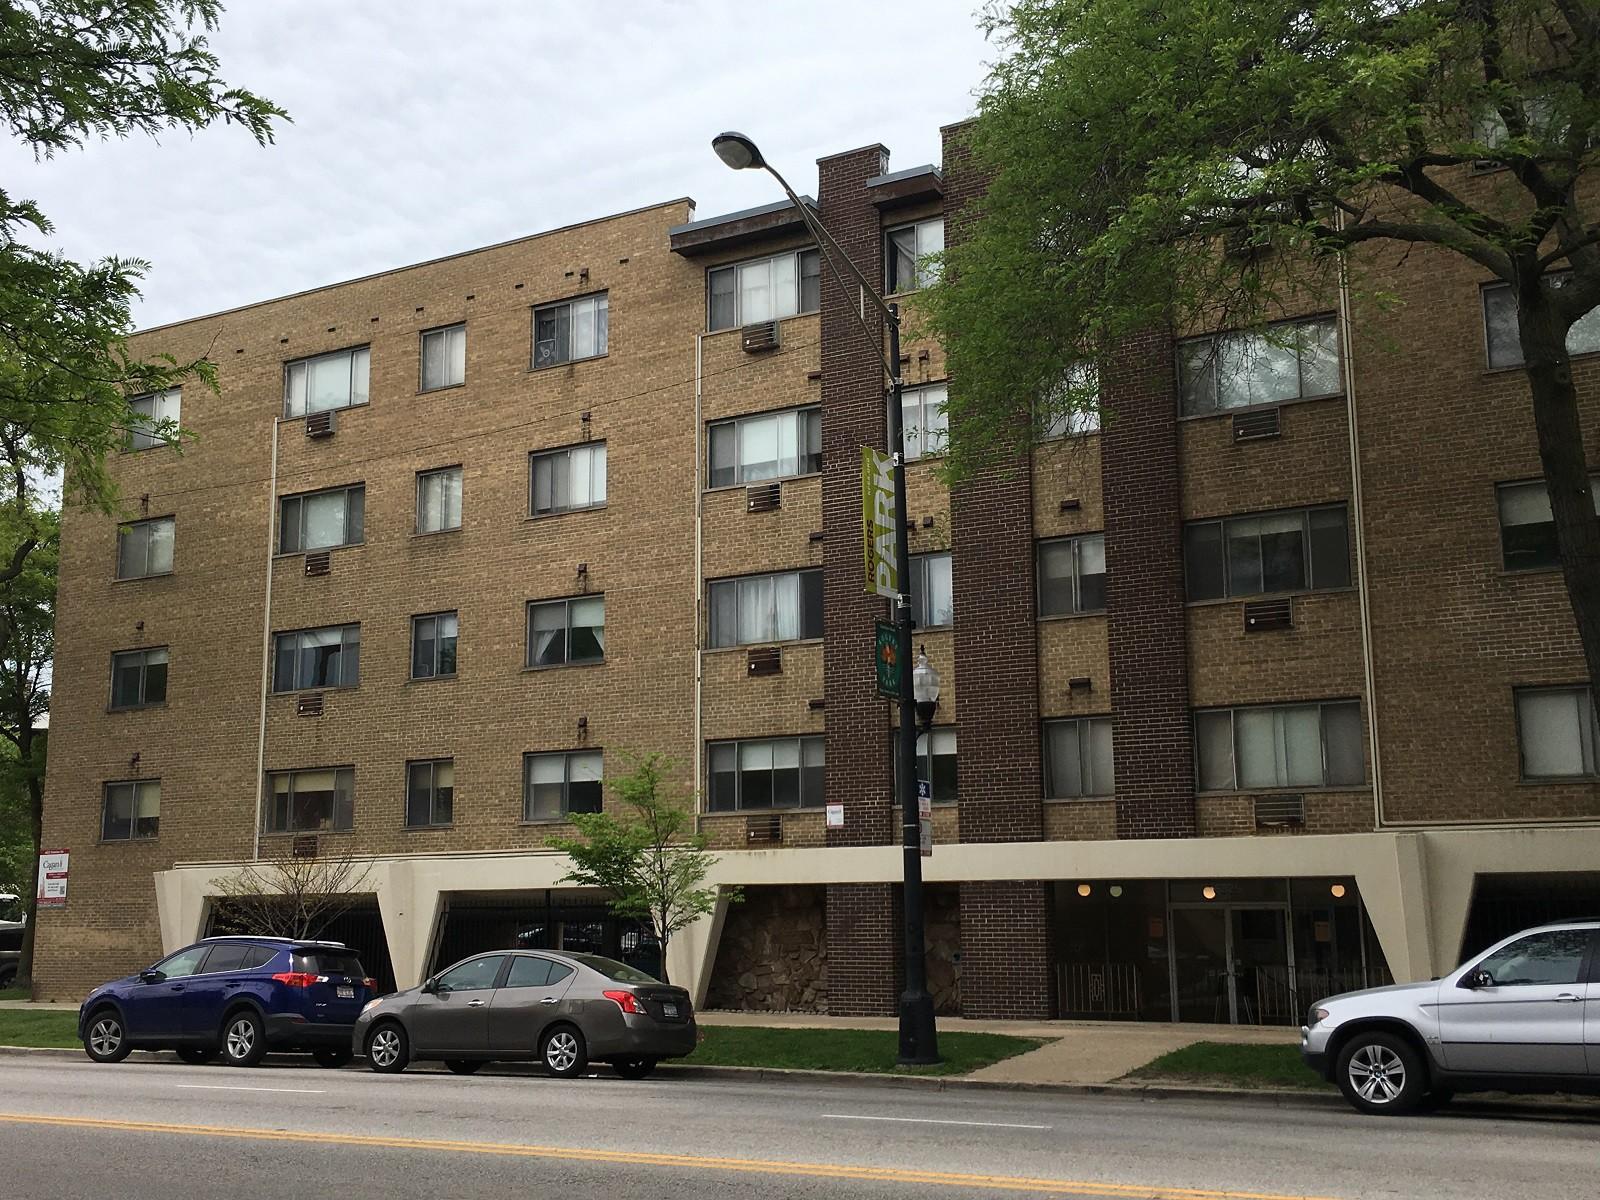 6825 N. Sheridan Rd rental